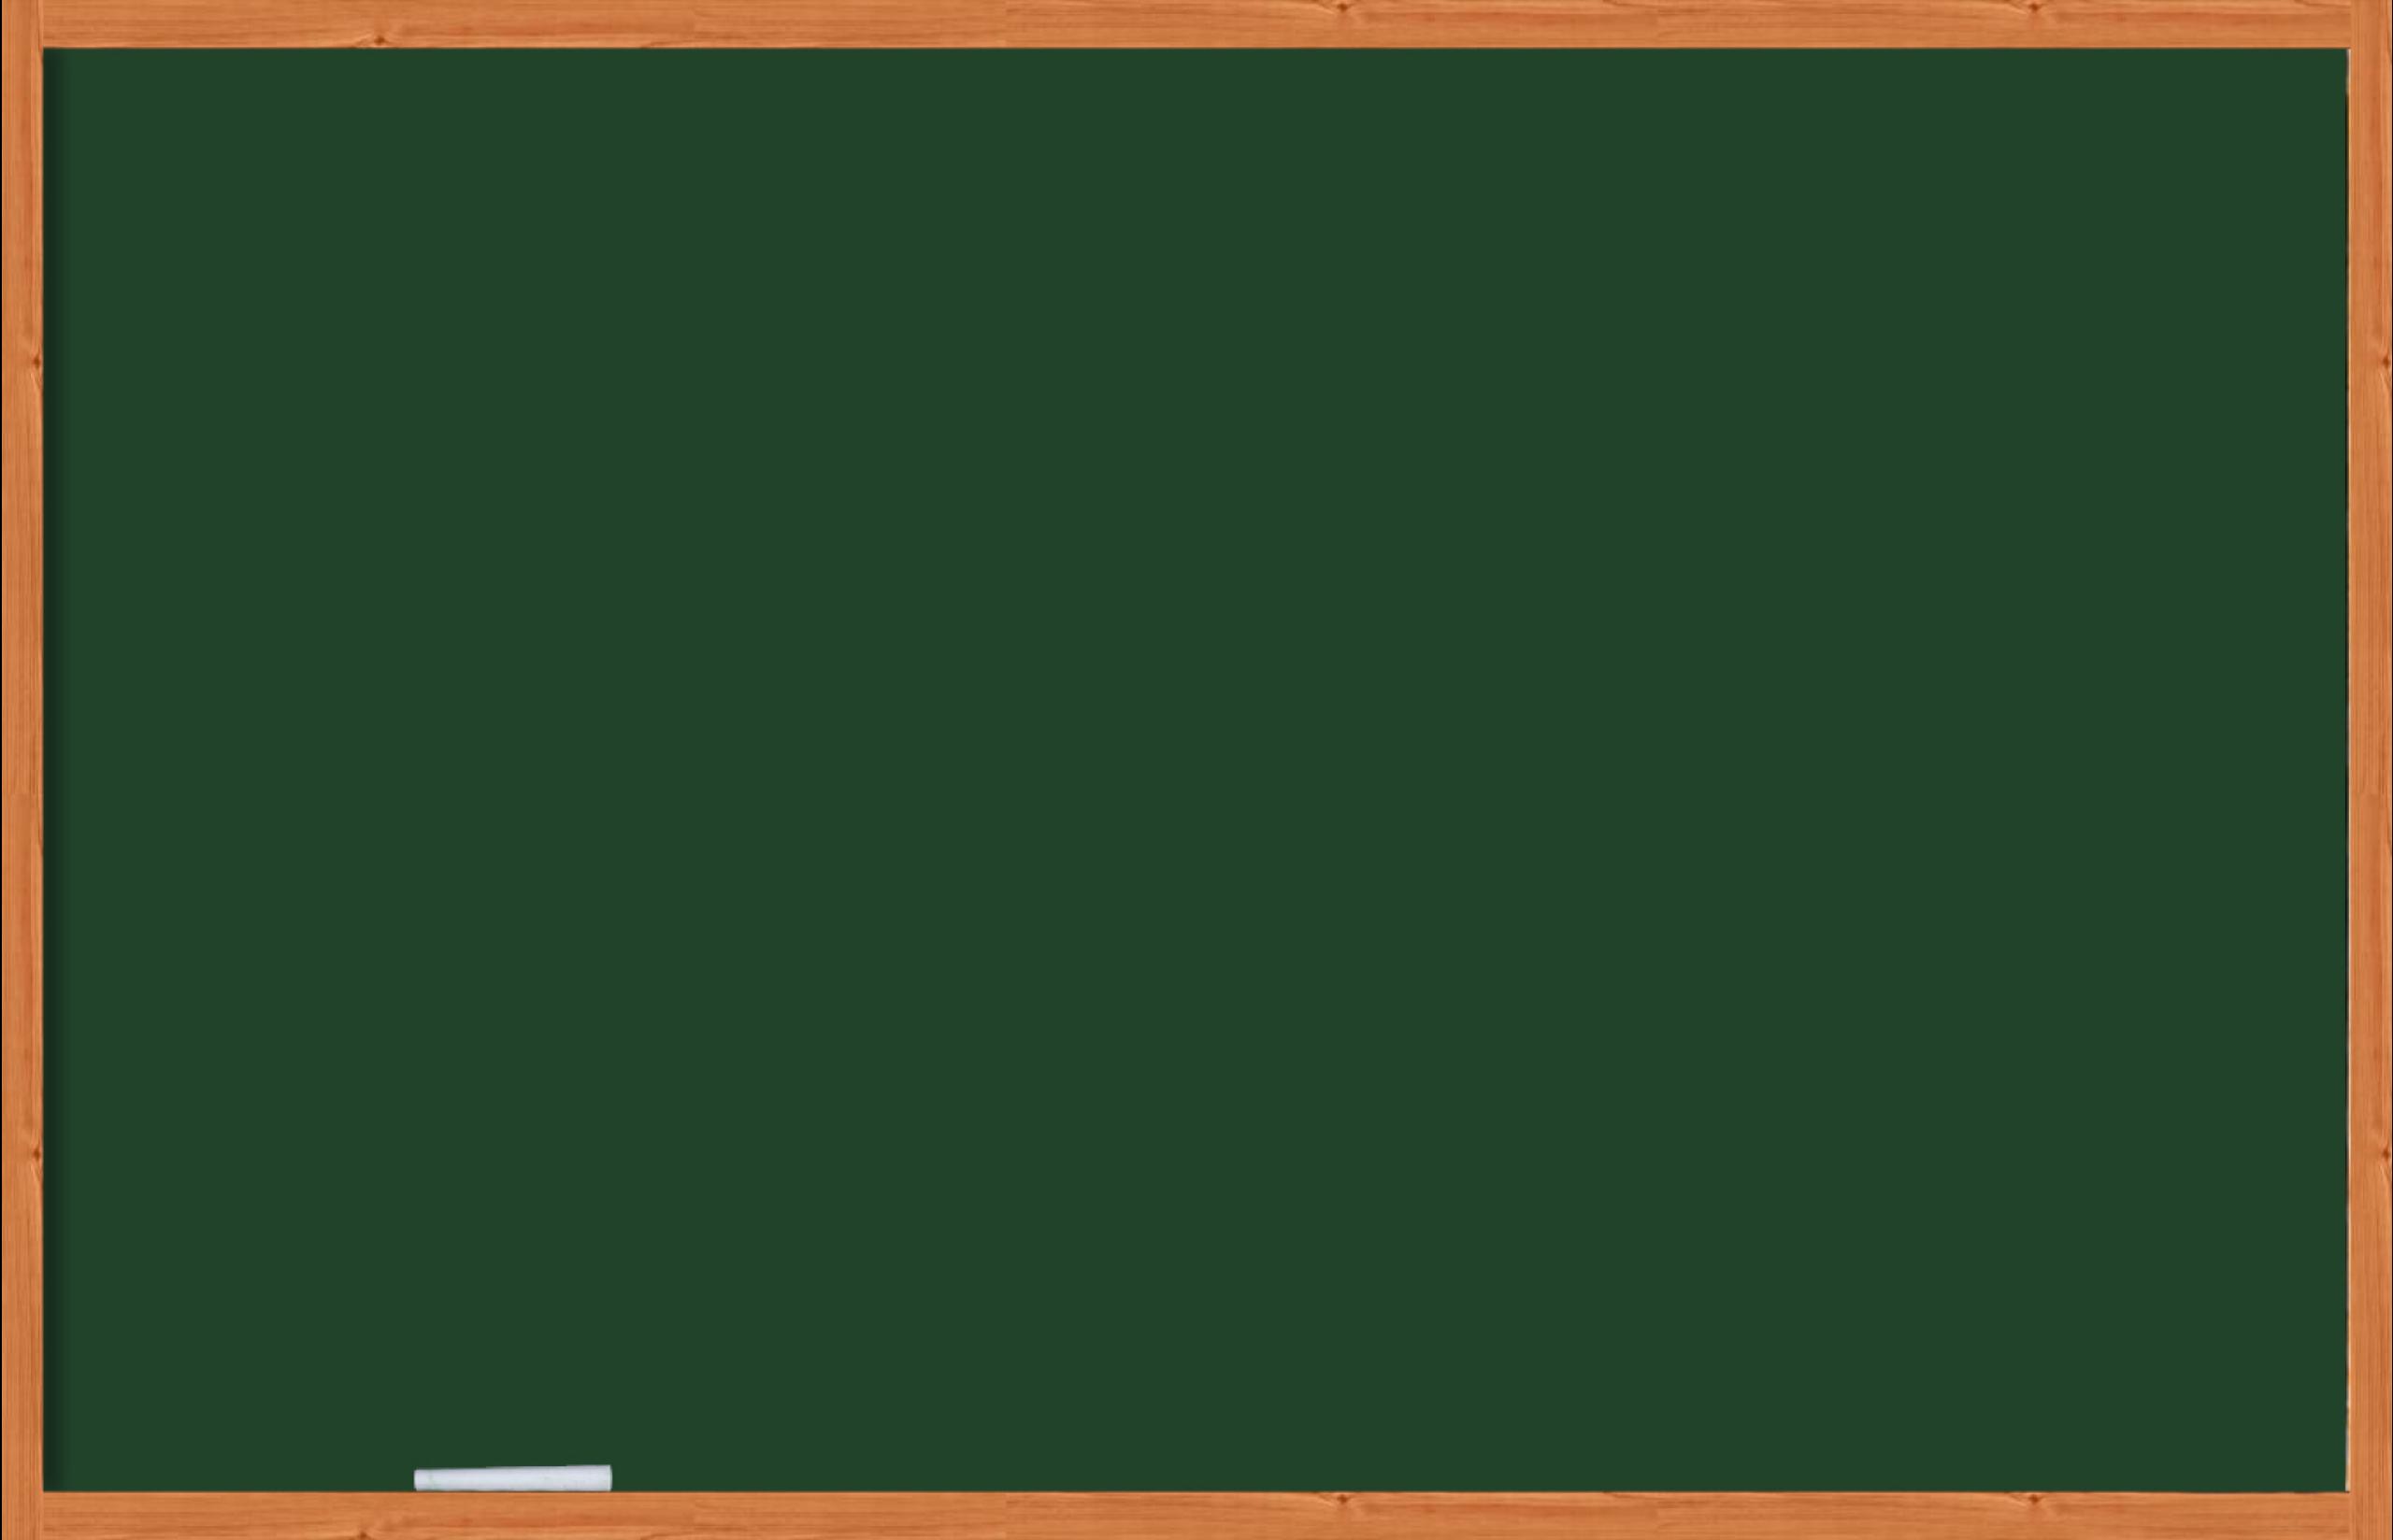 高中数学-函数模型及应用-虎斑教育